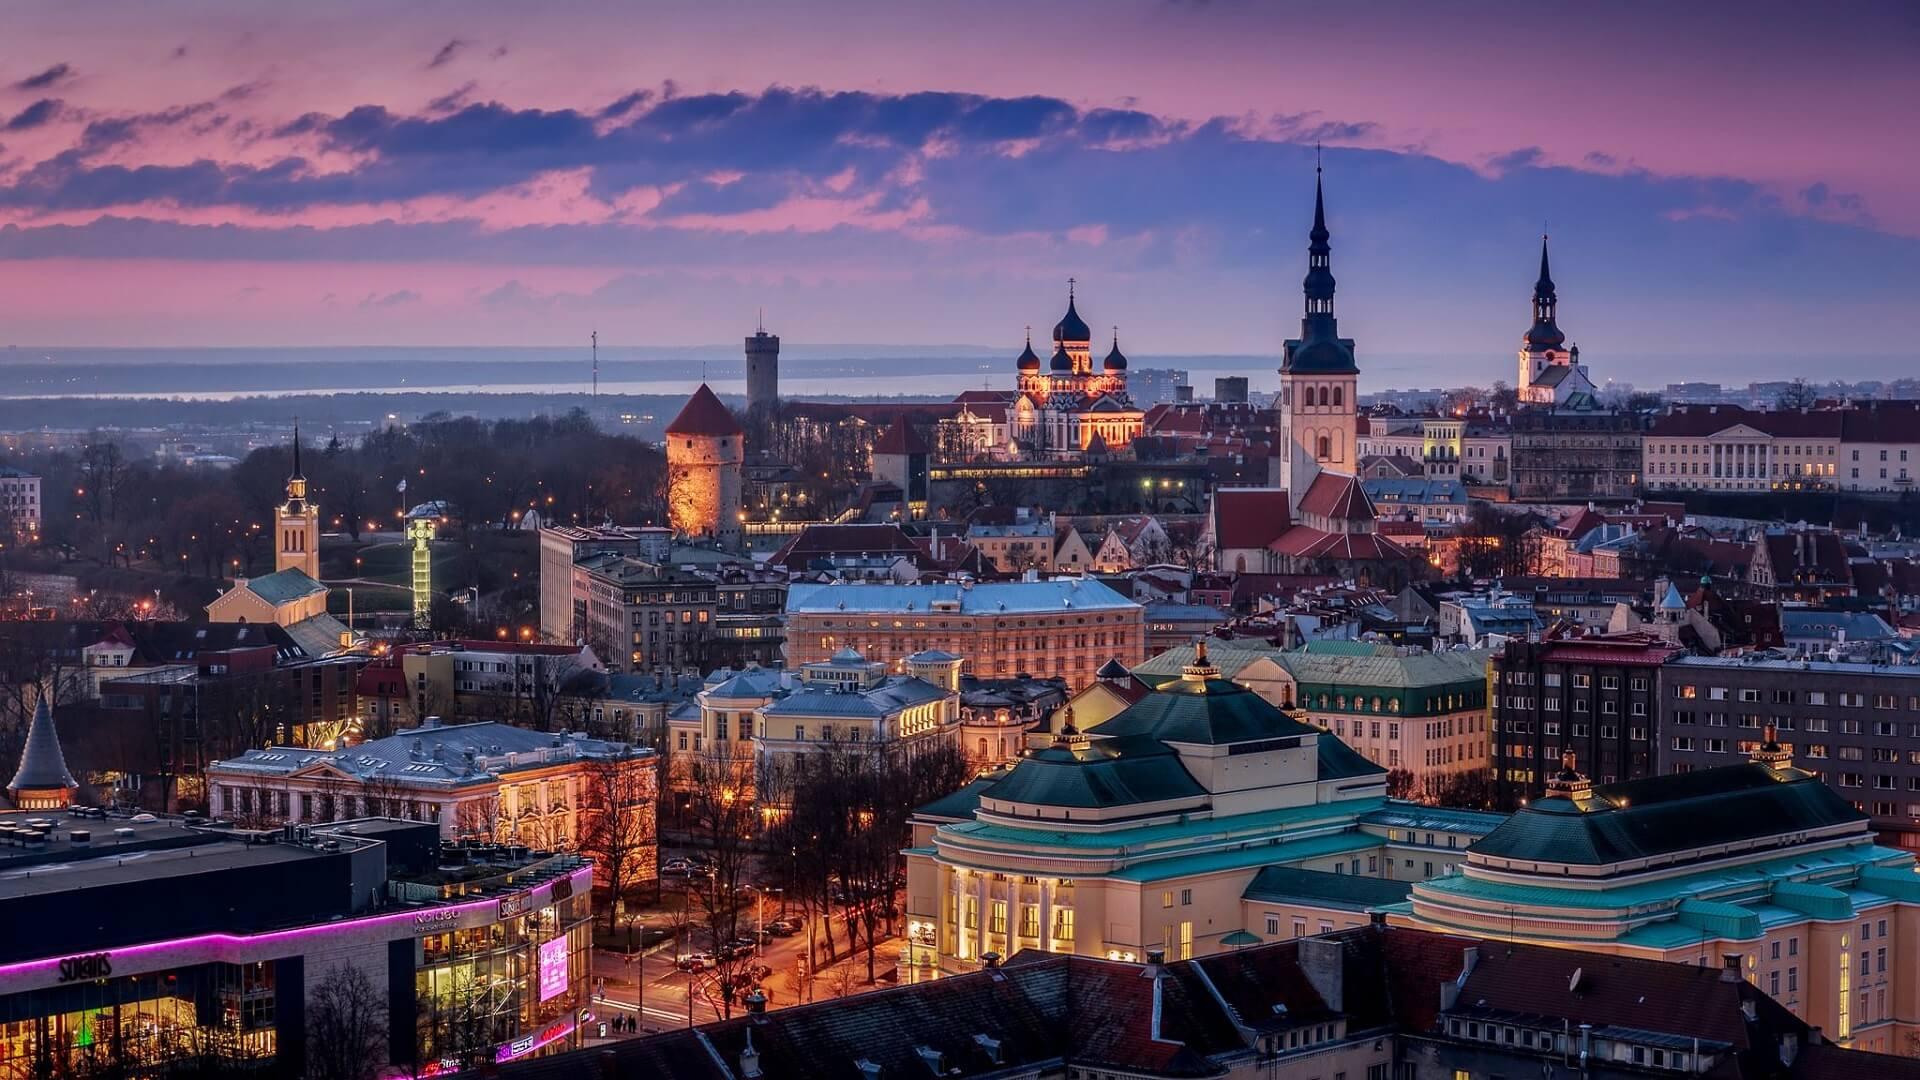 Tallinn - Pearls of the Baltic